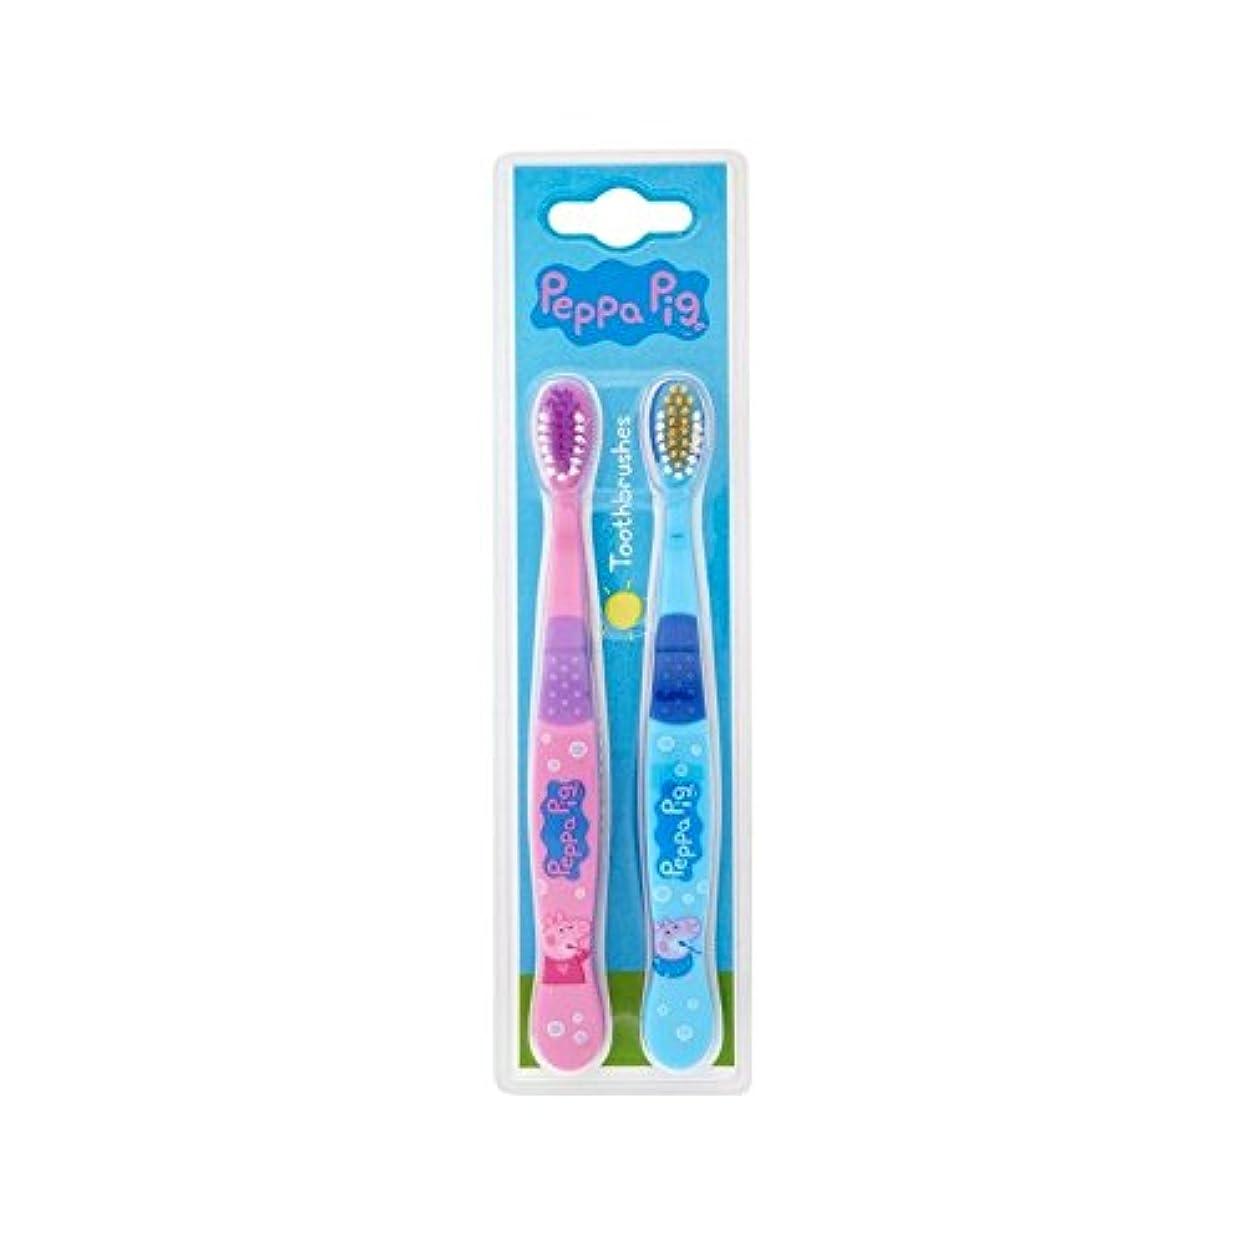 ピストンカバレッジ非アクティブ1パックツイン歯ブラシ2 (Peppa Pig) (x 4) - Peppa Pig Twin Toothbrush 2 per pack (Pack of 4) [並行輸入品]